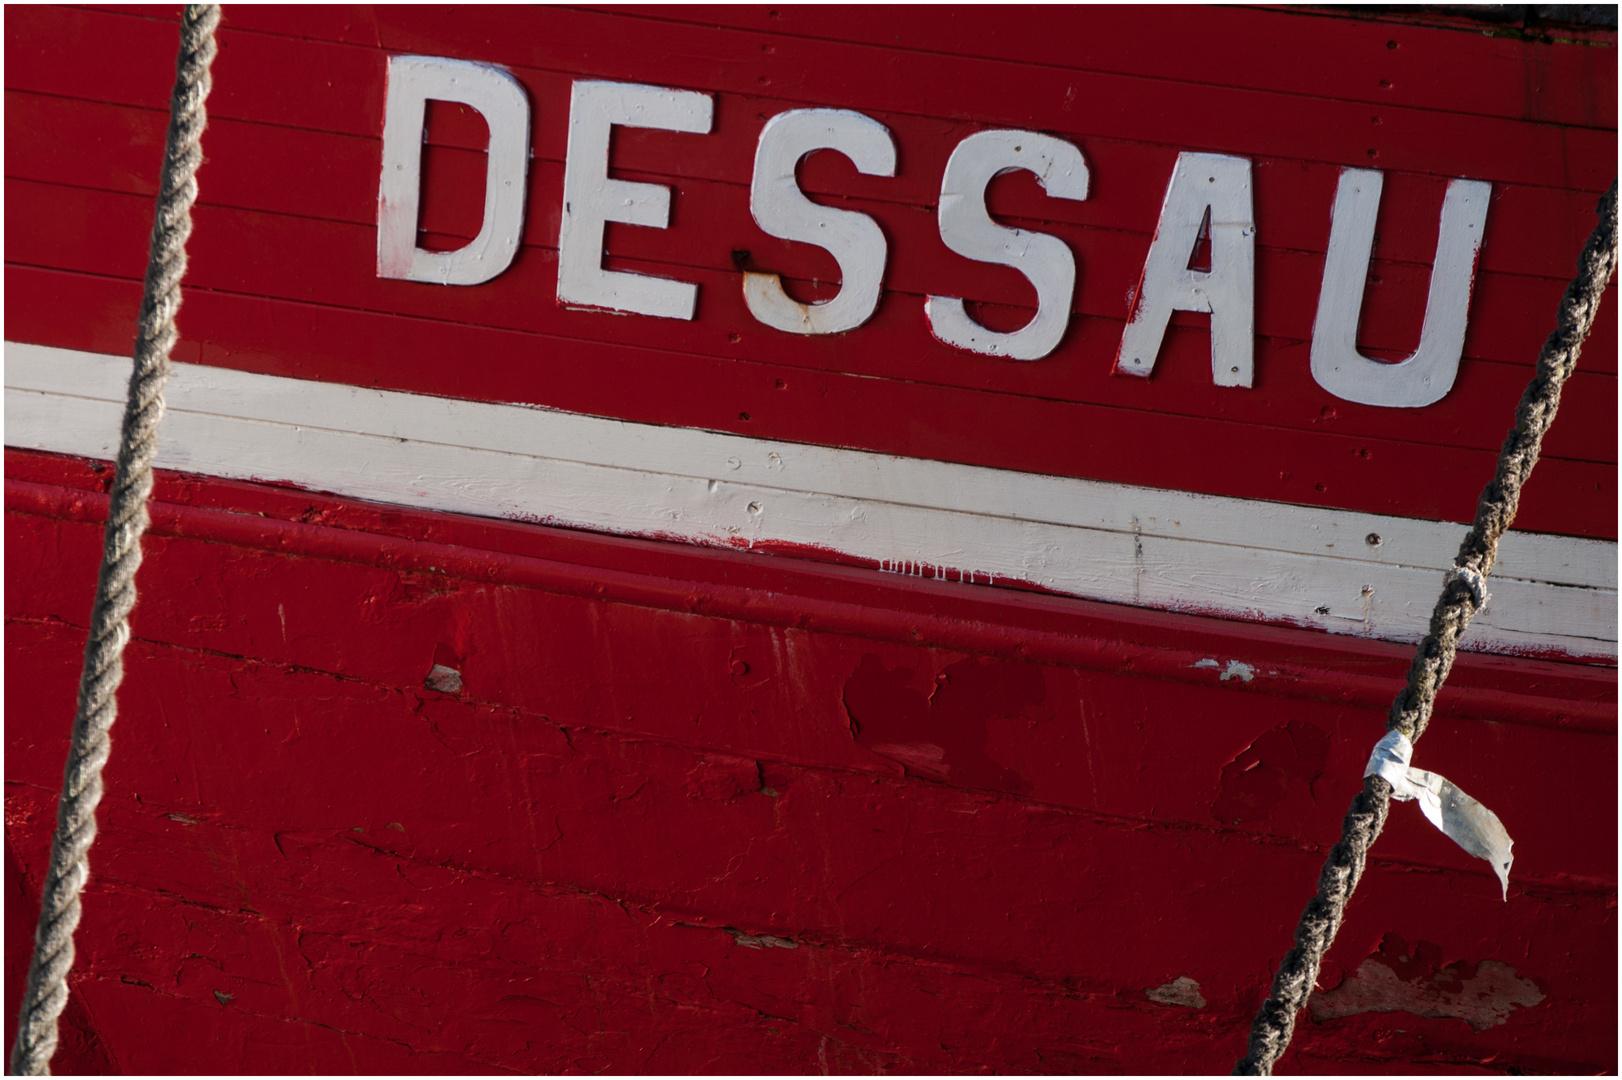 Dessau in Warnemünde